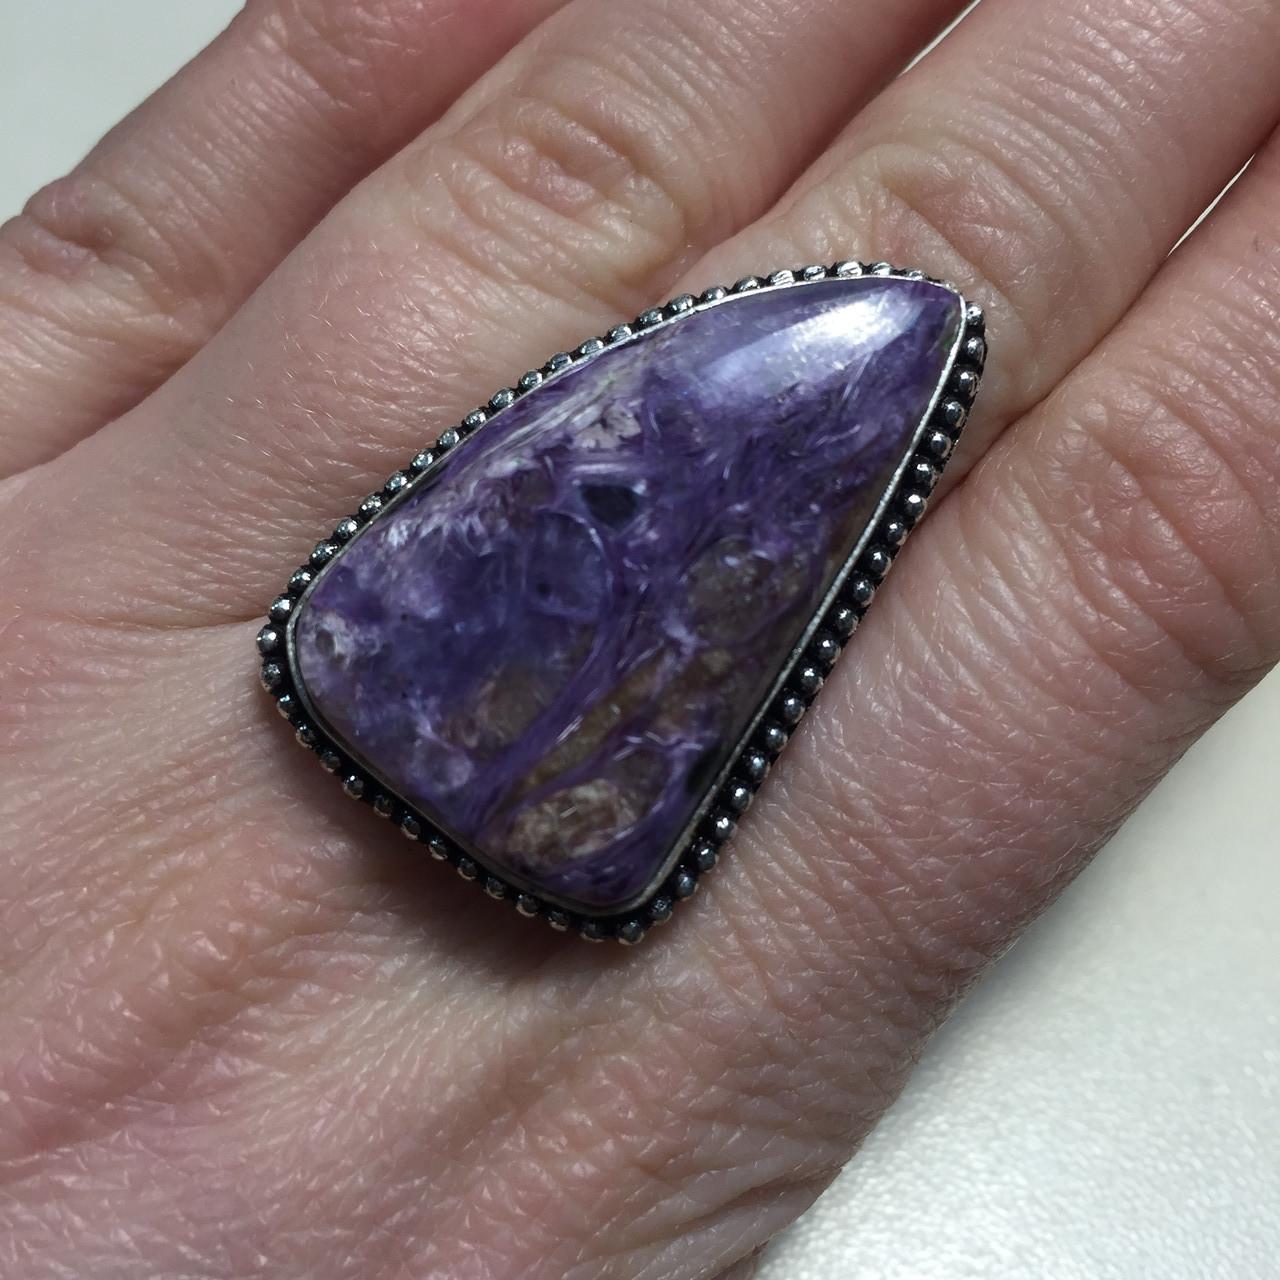 Красивое кольцо с чароитом размер 19. Кольцо с камнем чароит Индия